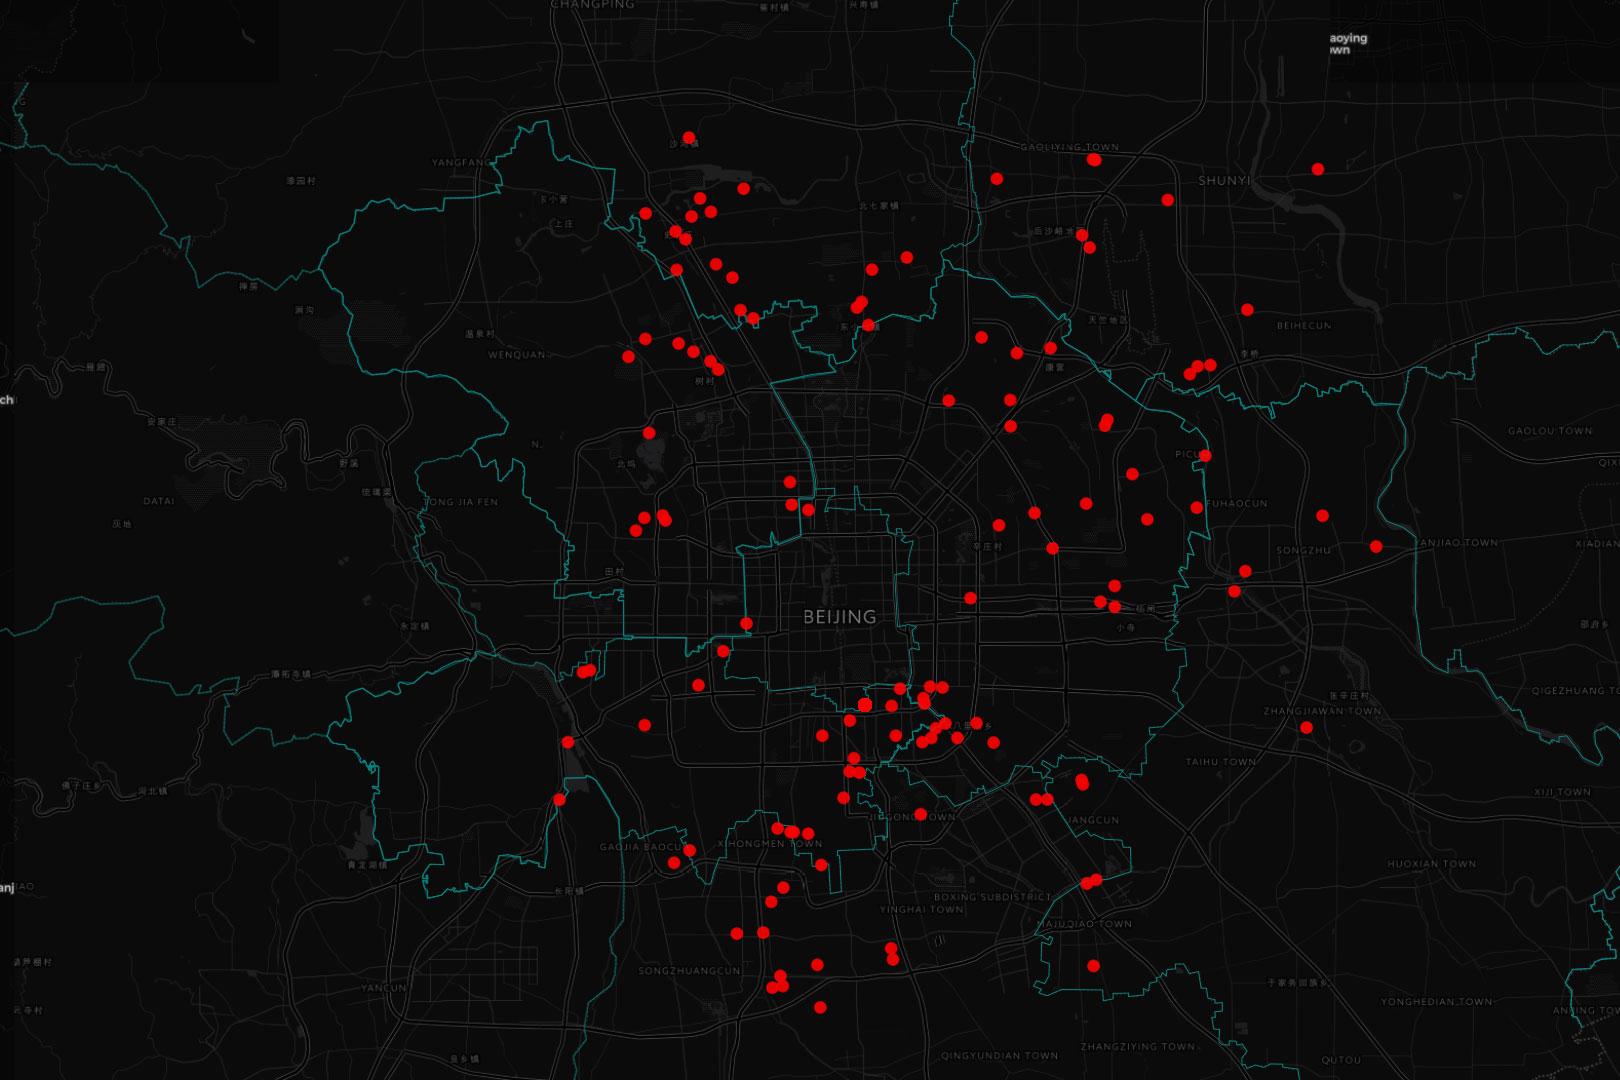 北京清理安全隱患點分佈圖,根據目前收集到的數據,朝陽區受影響地點最多,達84處。 圖:端傳媒